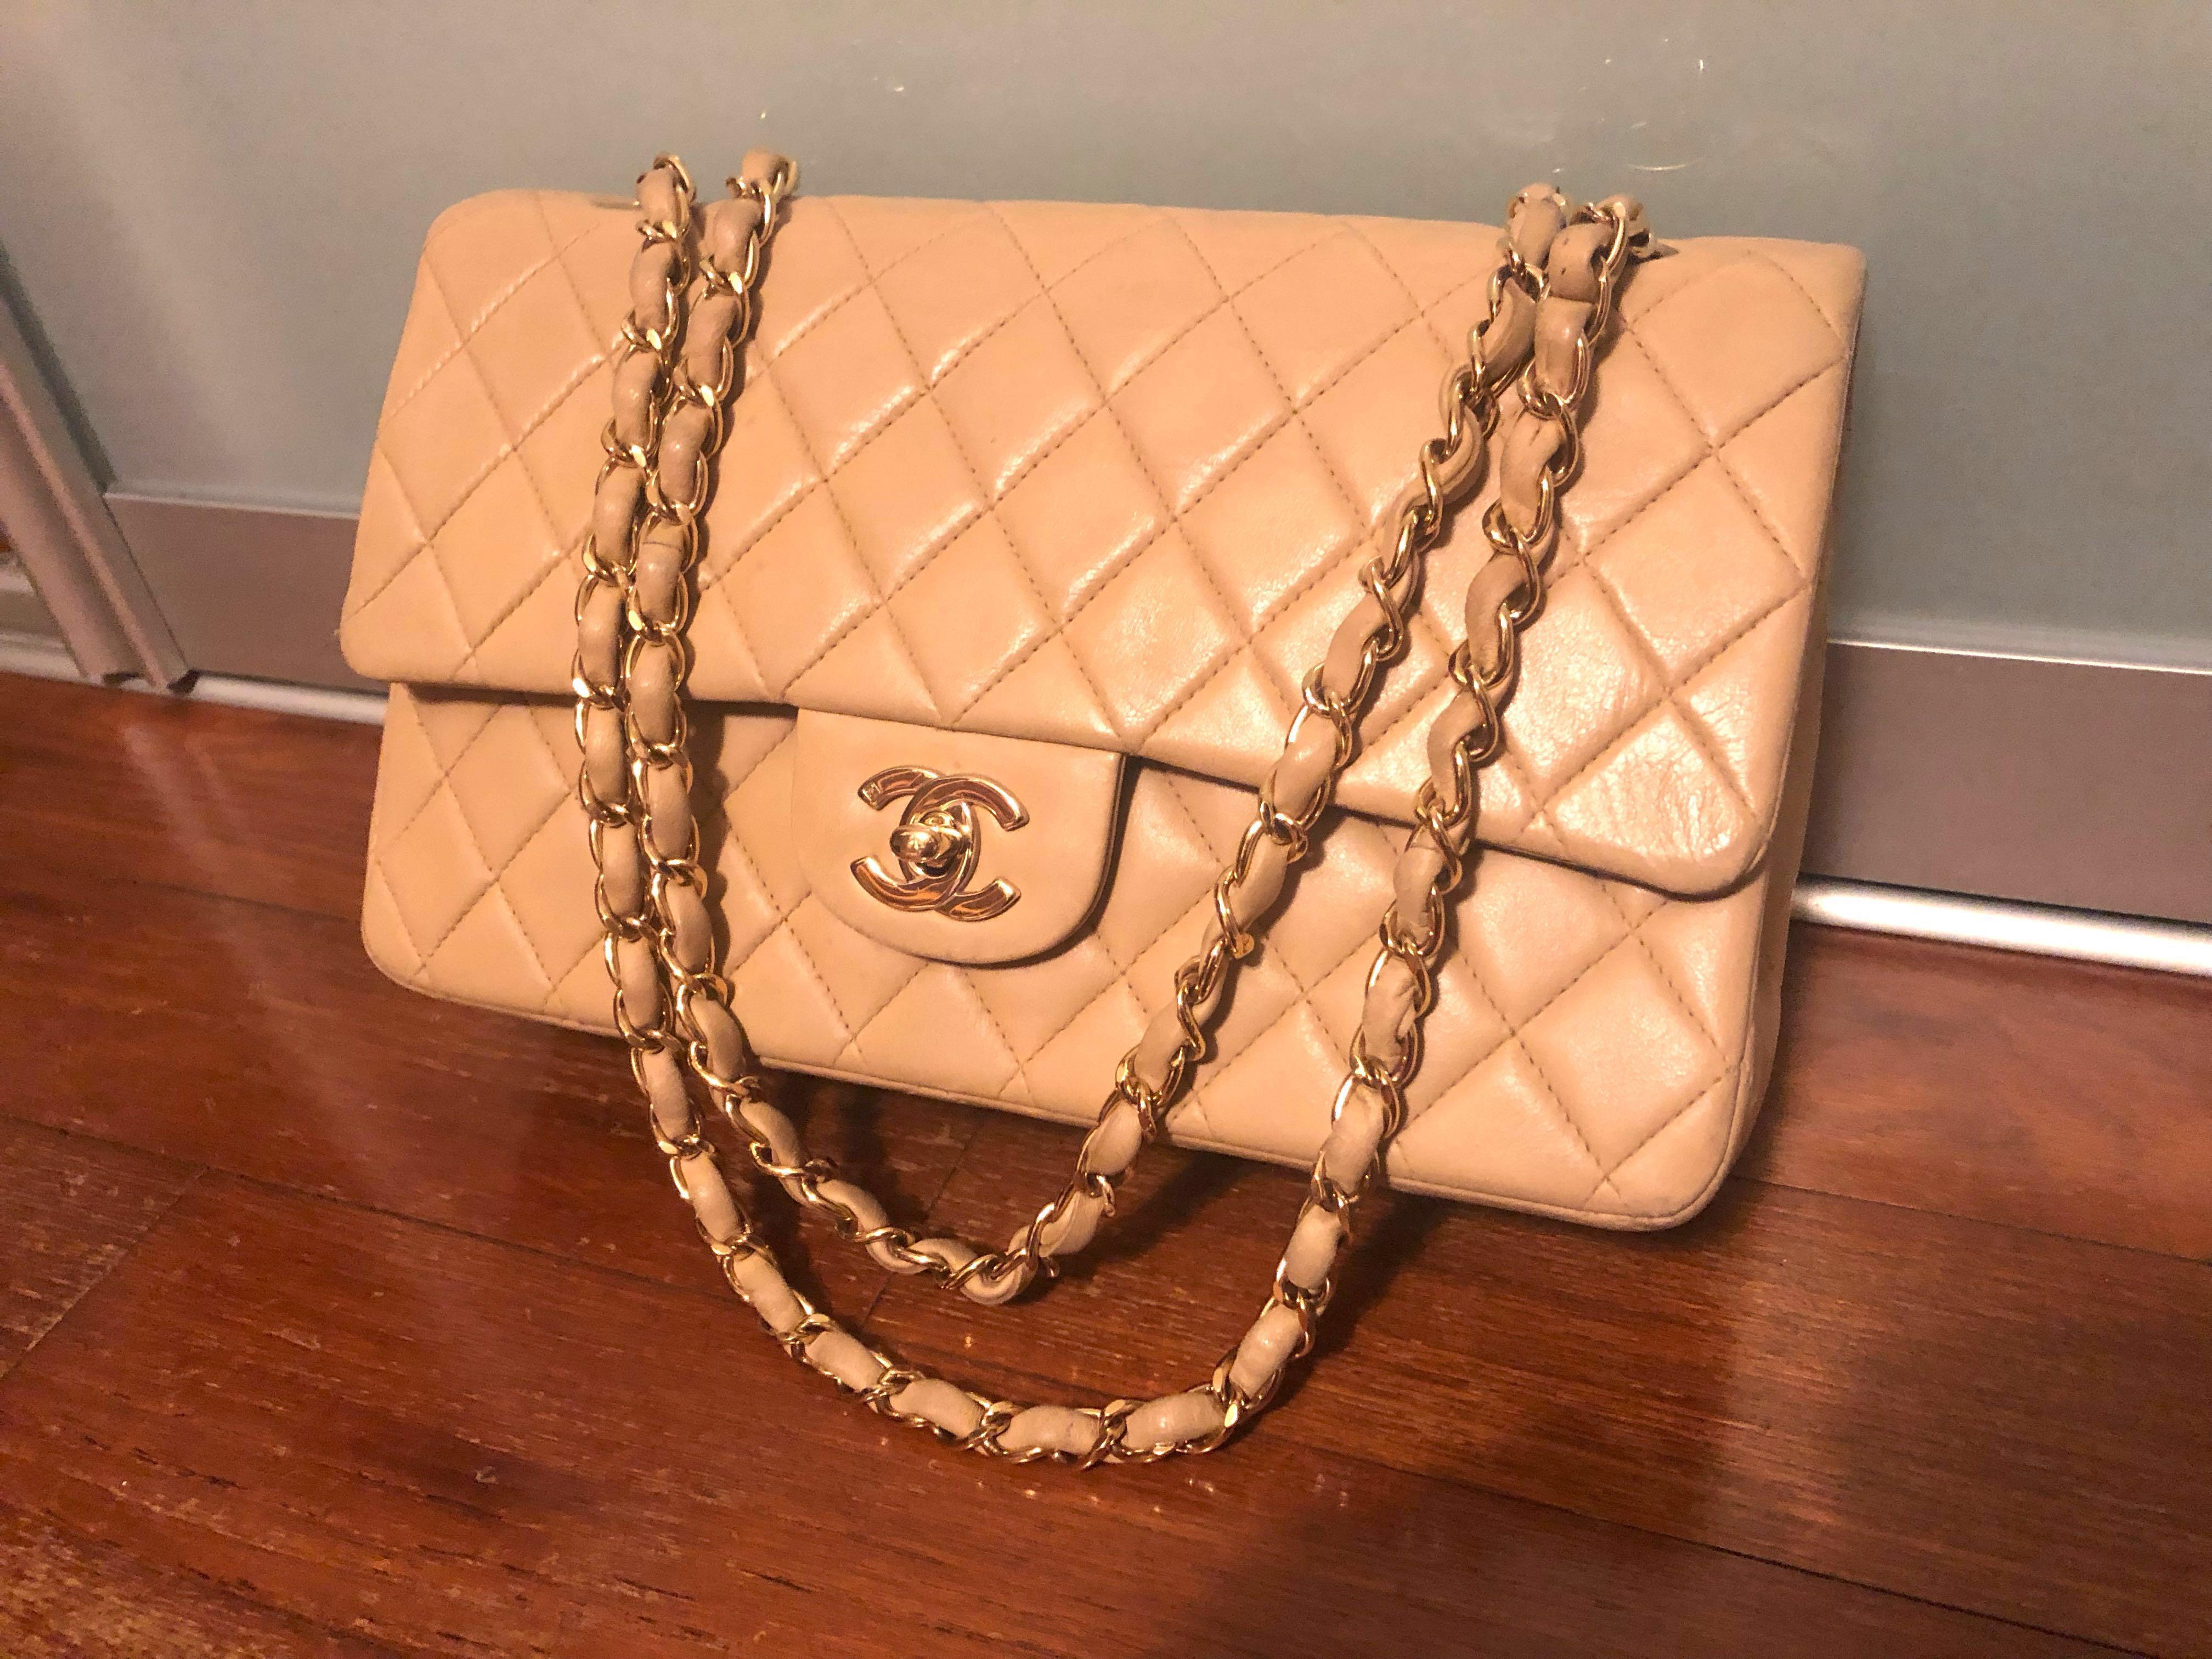 d1581a56d4e7 Vintage Chanel 2.55 Medium Classic Lambskin 100% Authentic